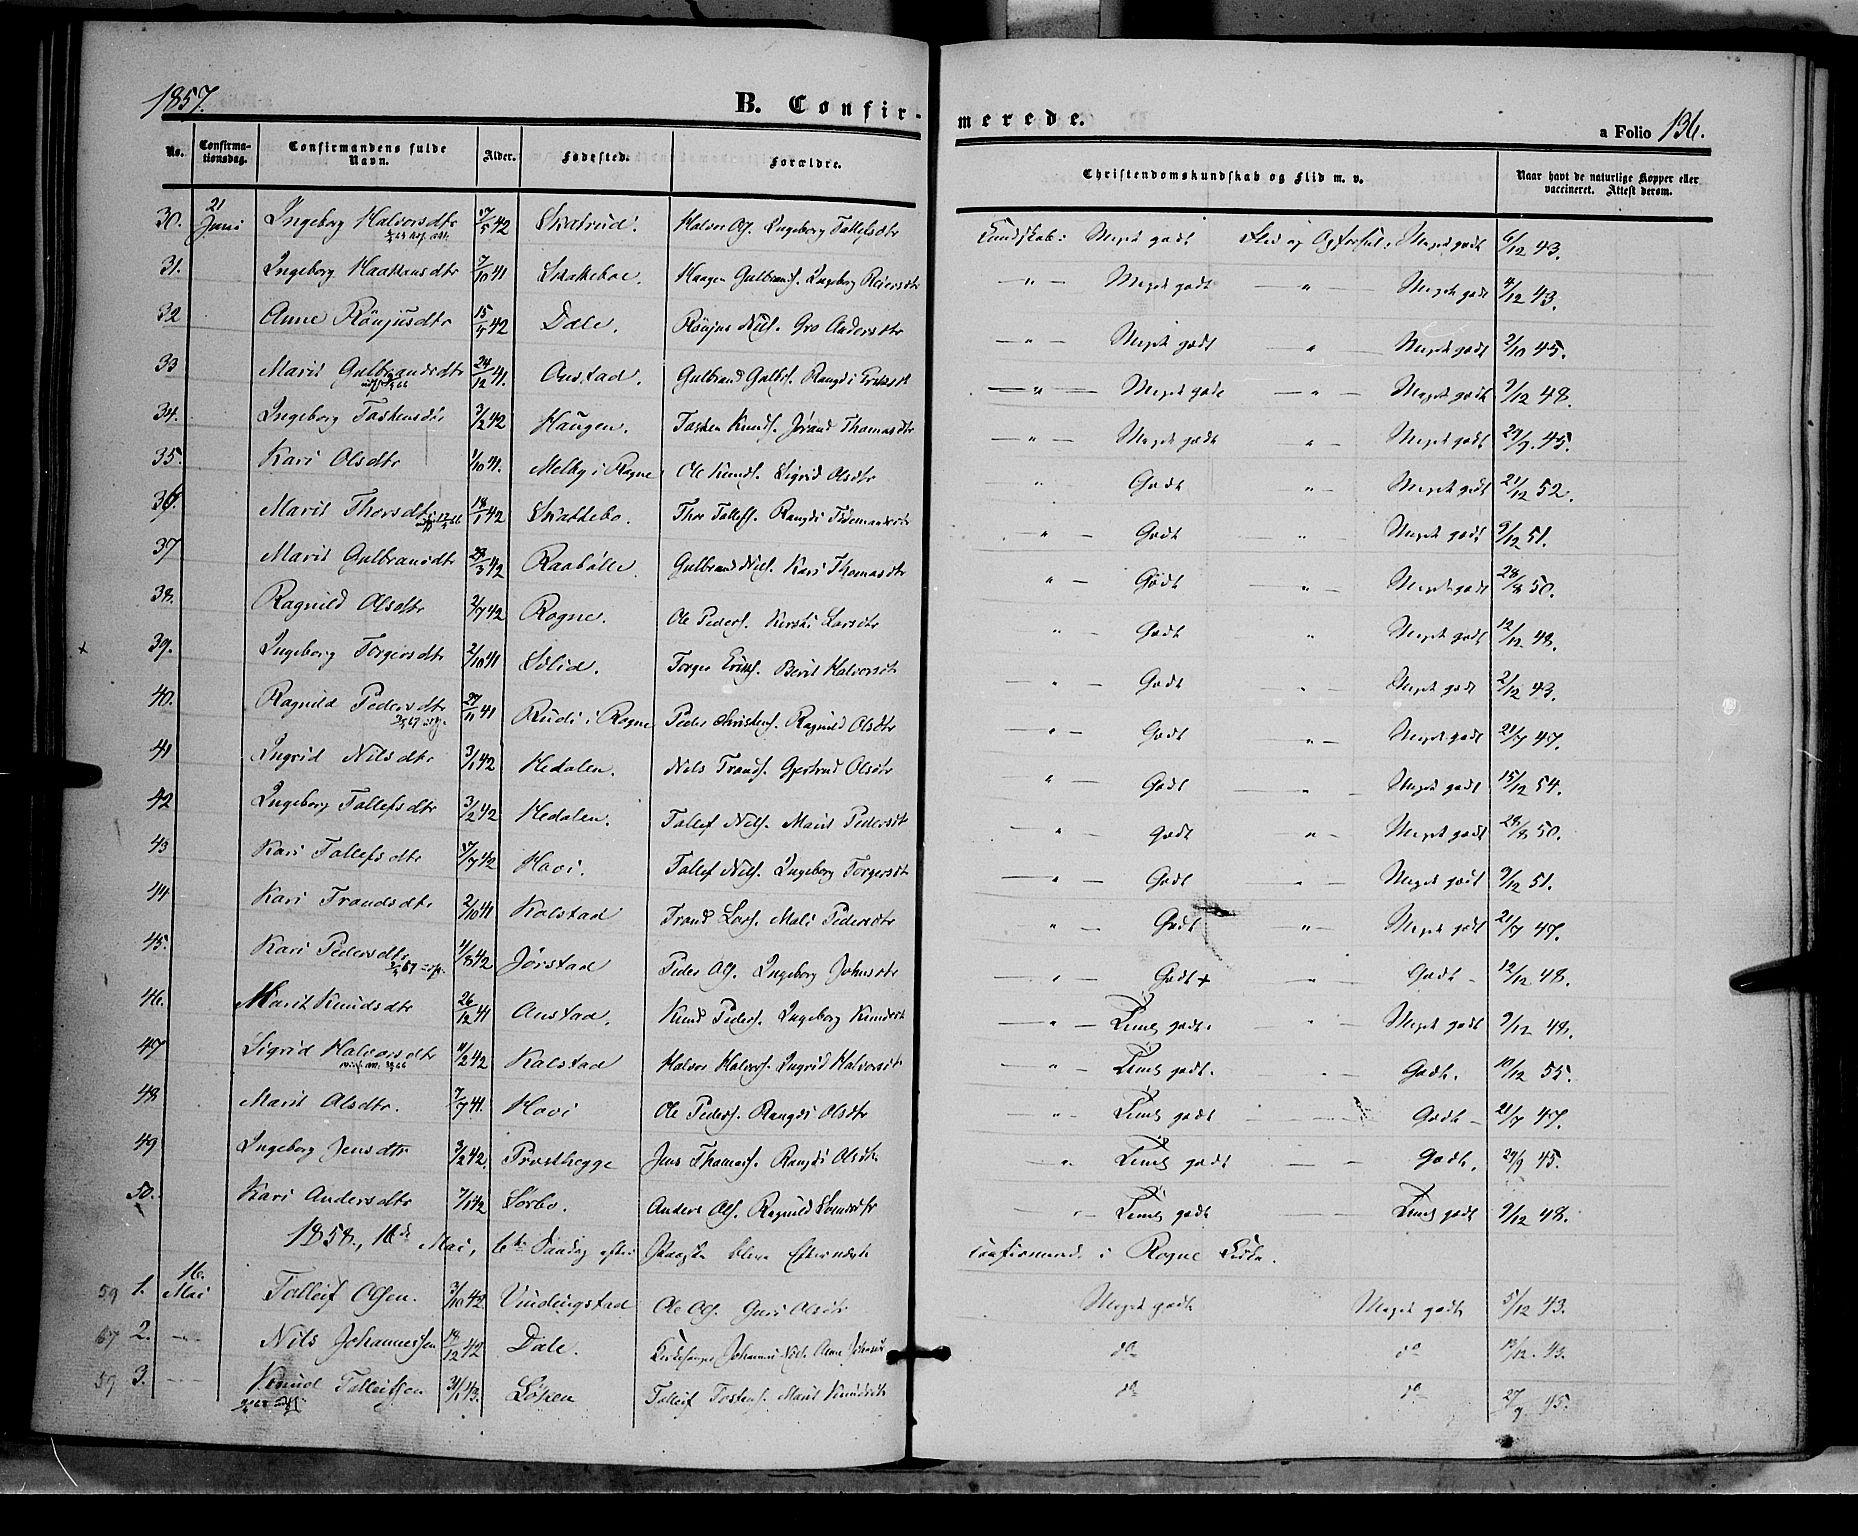 SAH, Øystre Slidre prestekontor, Ministerialbok nr. 1, 1849-1874, s. 136